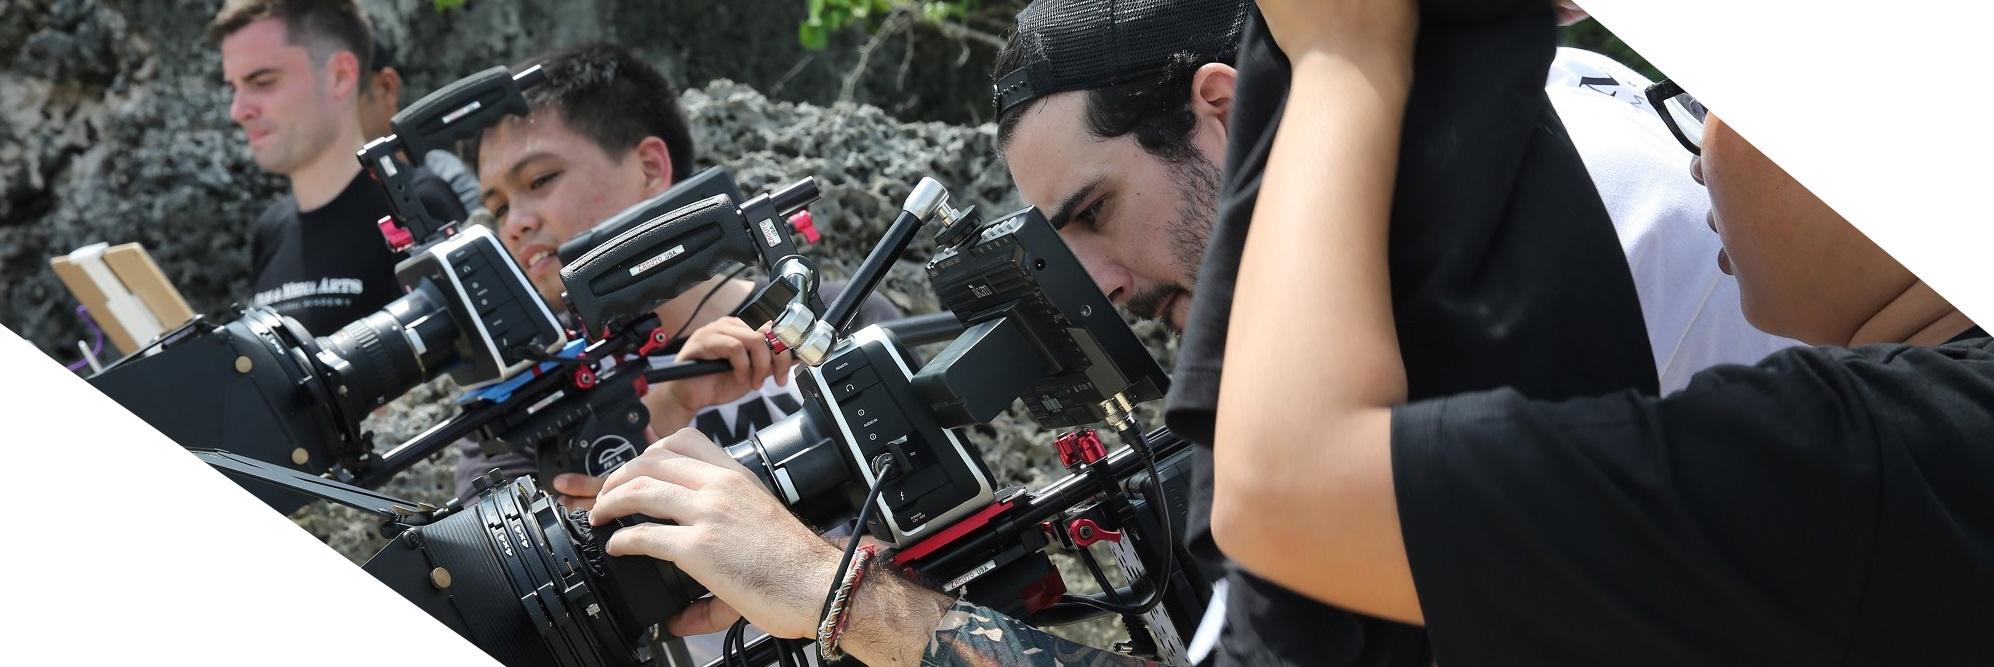 Filmmaking slide1